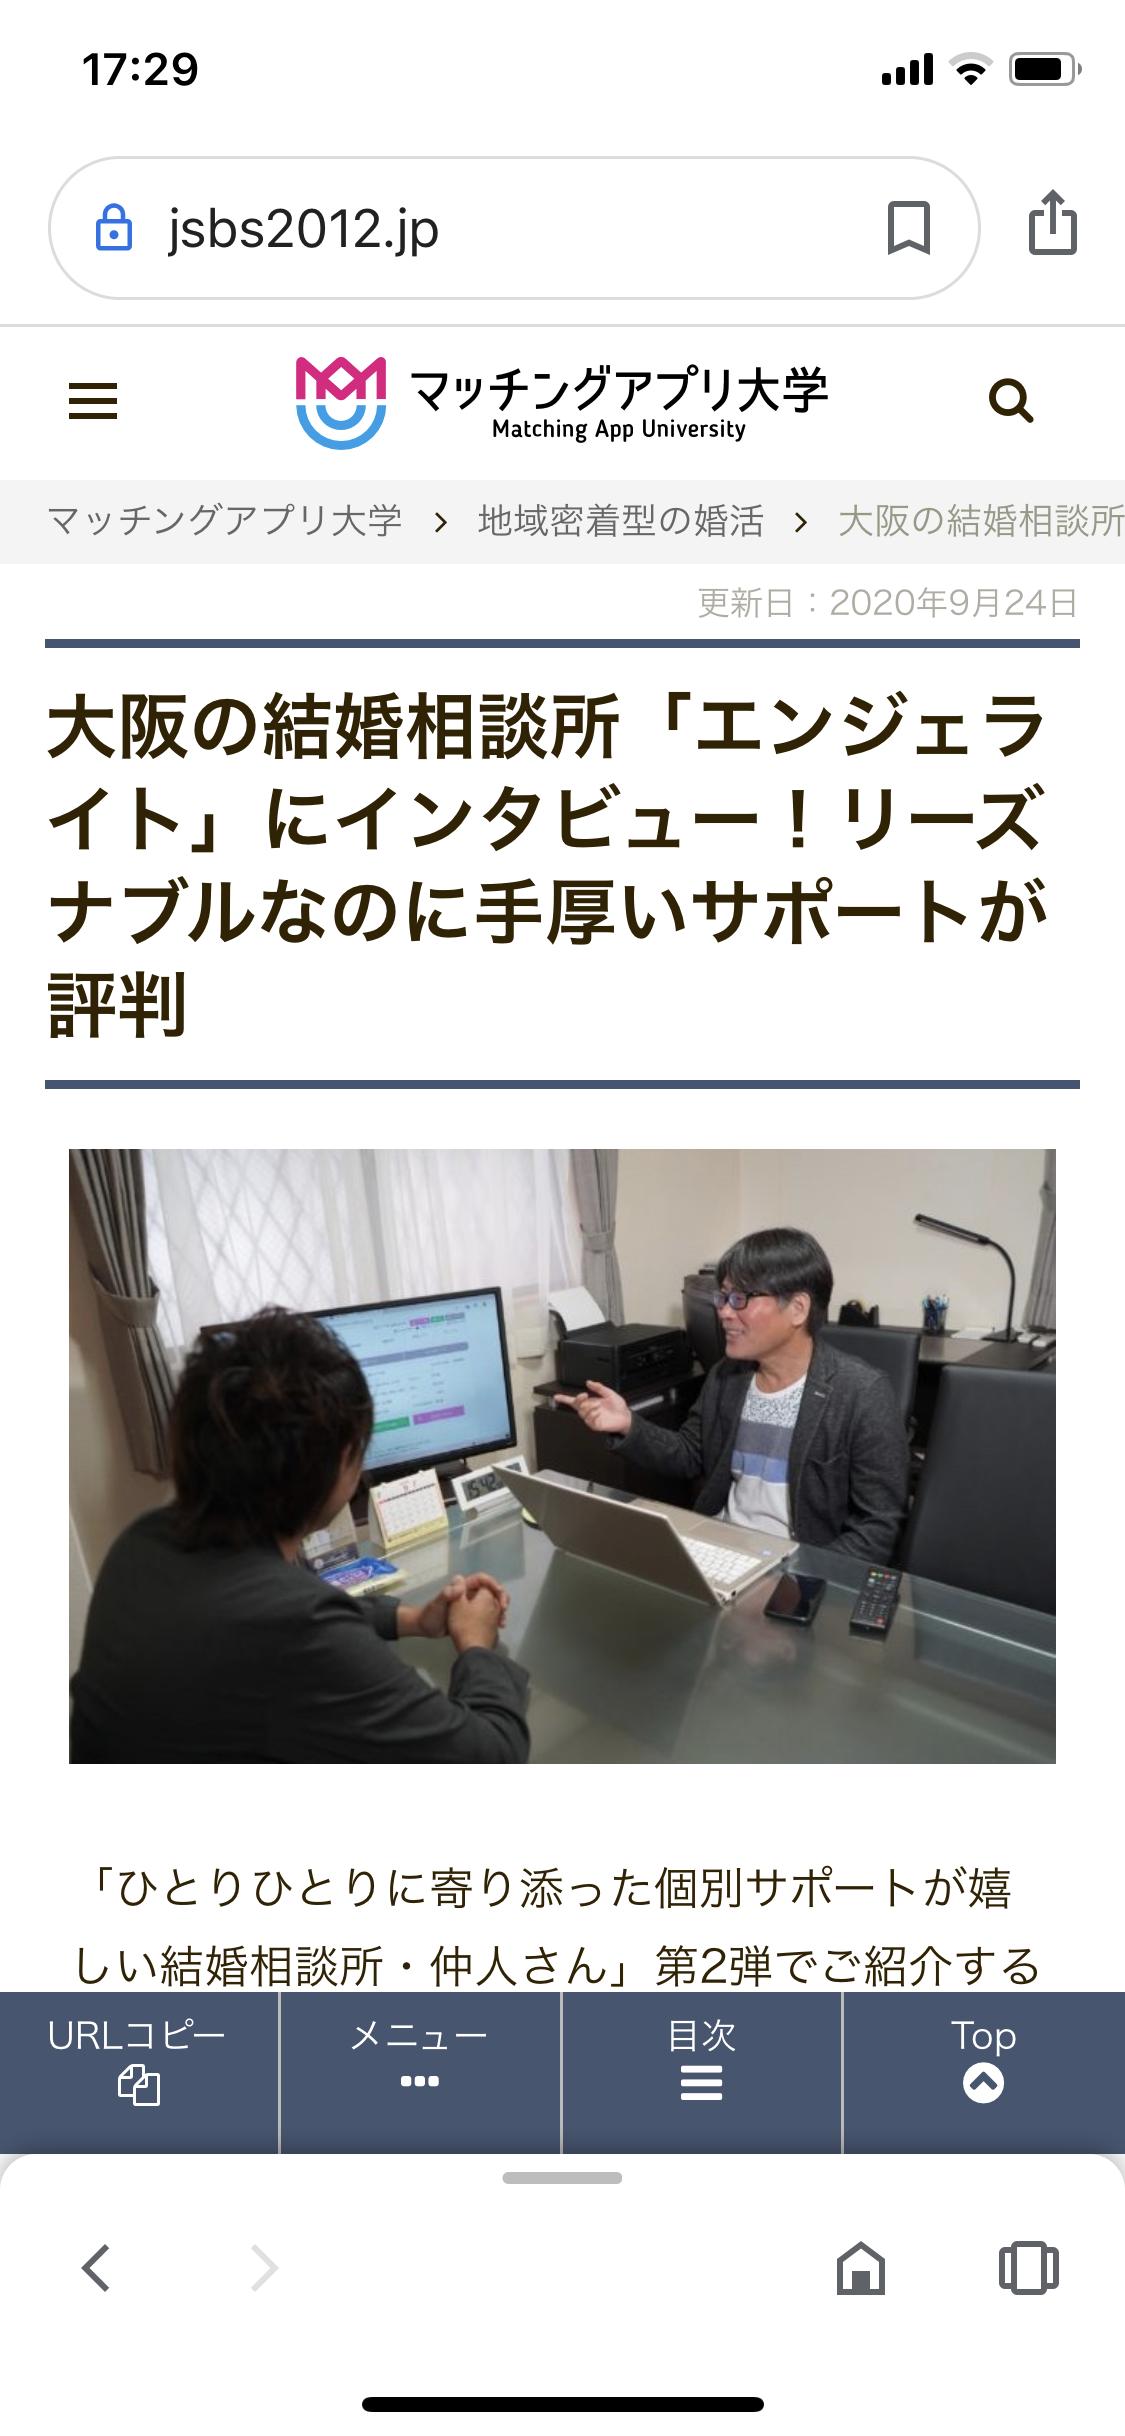 恋愛情報メディア【マッチングアプリ大学】から取材を受けました!!